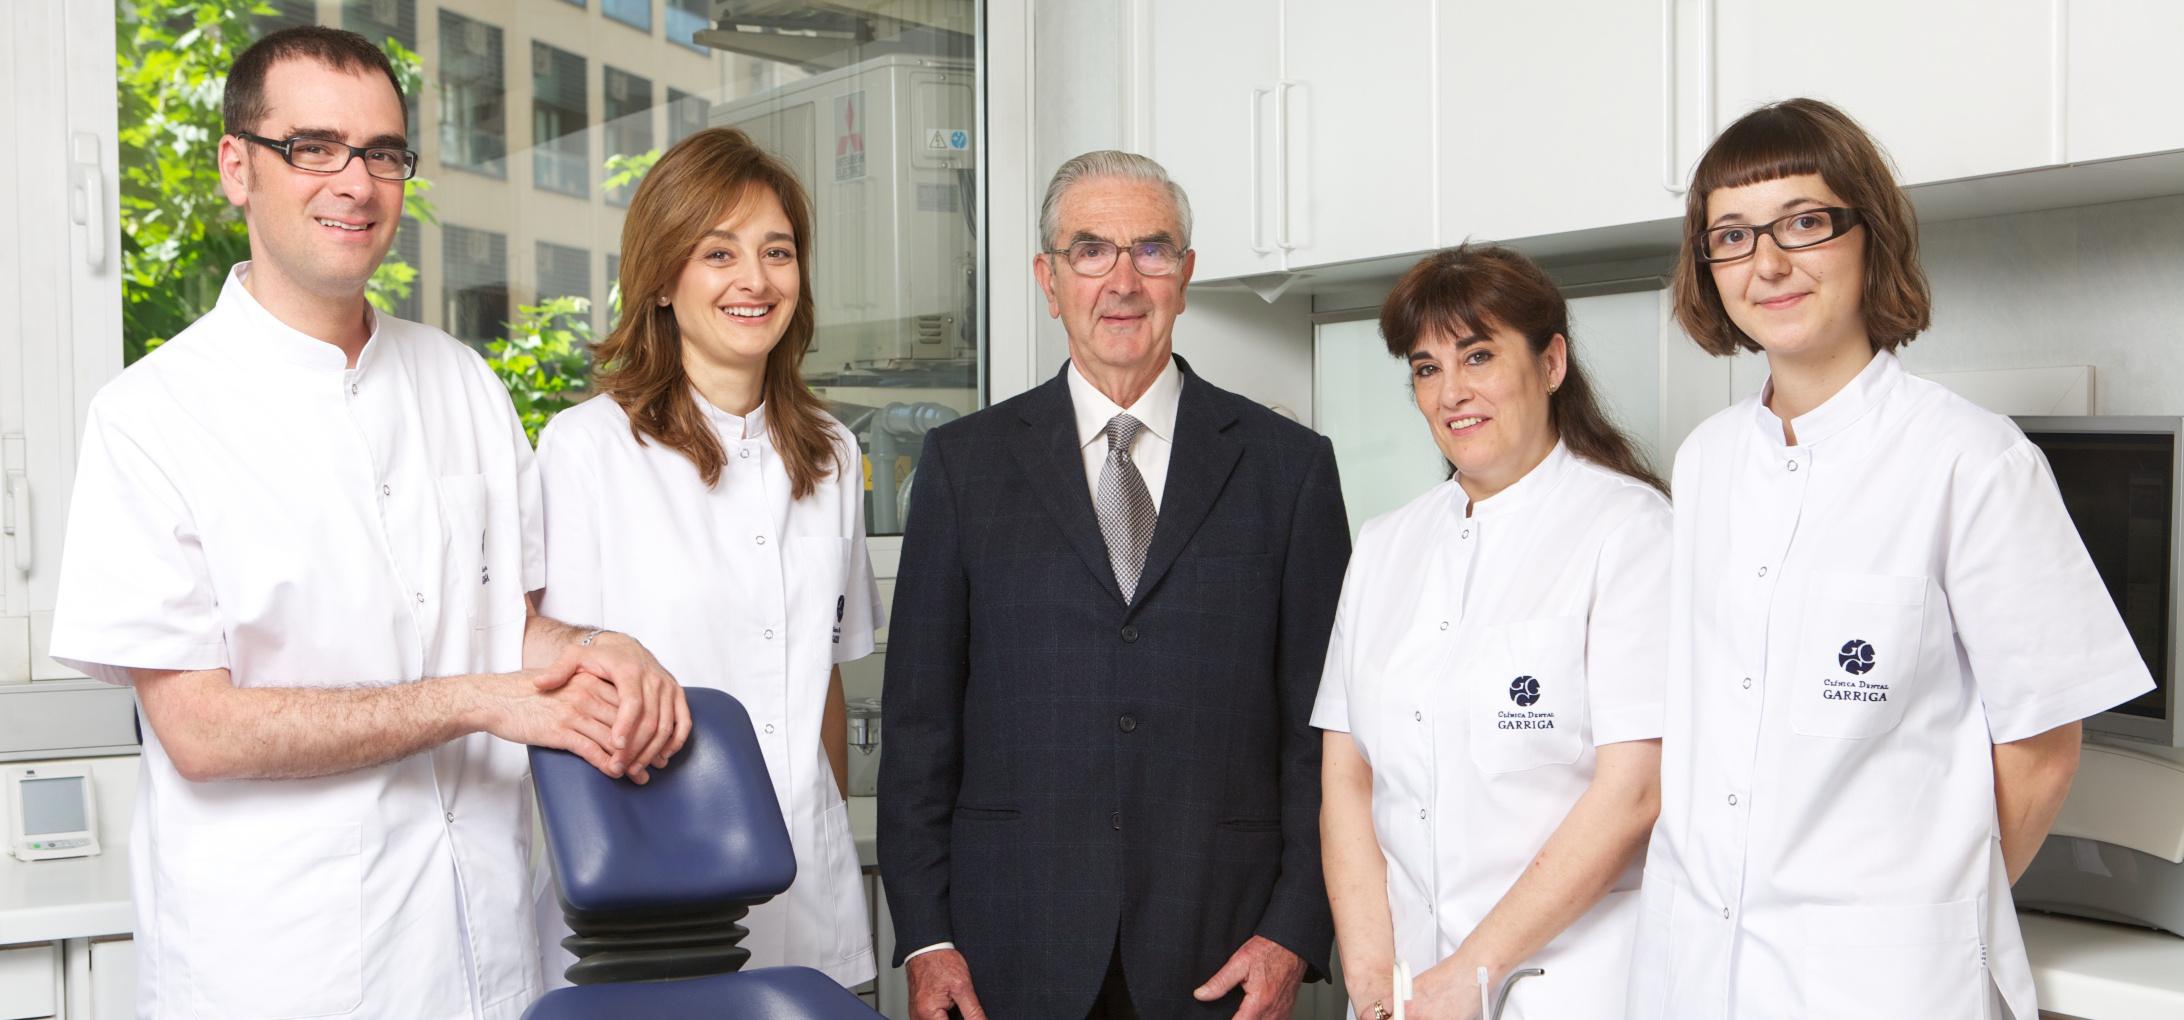 Busca la innovación y la experiencia profesional si tienes un problema dental